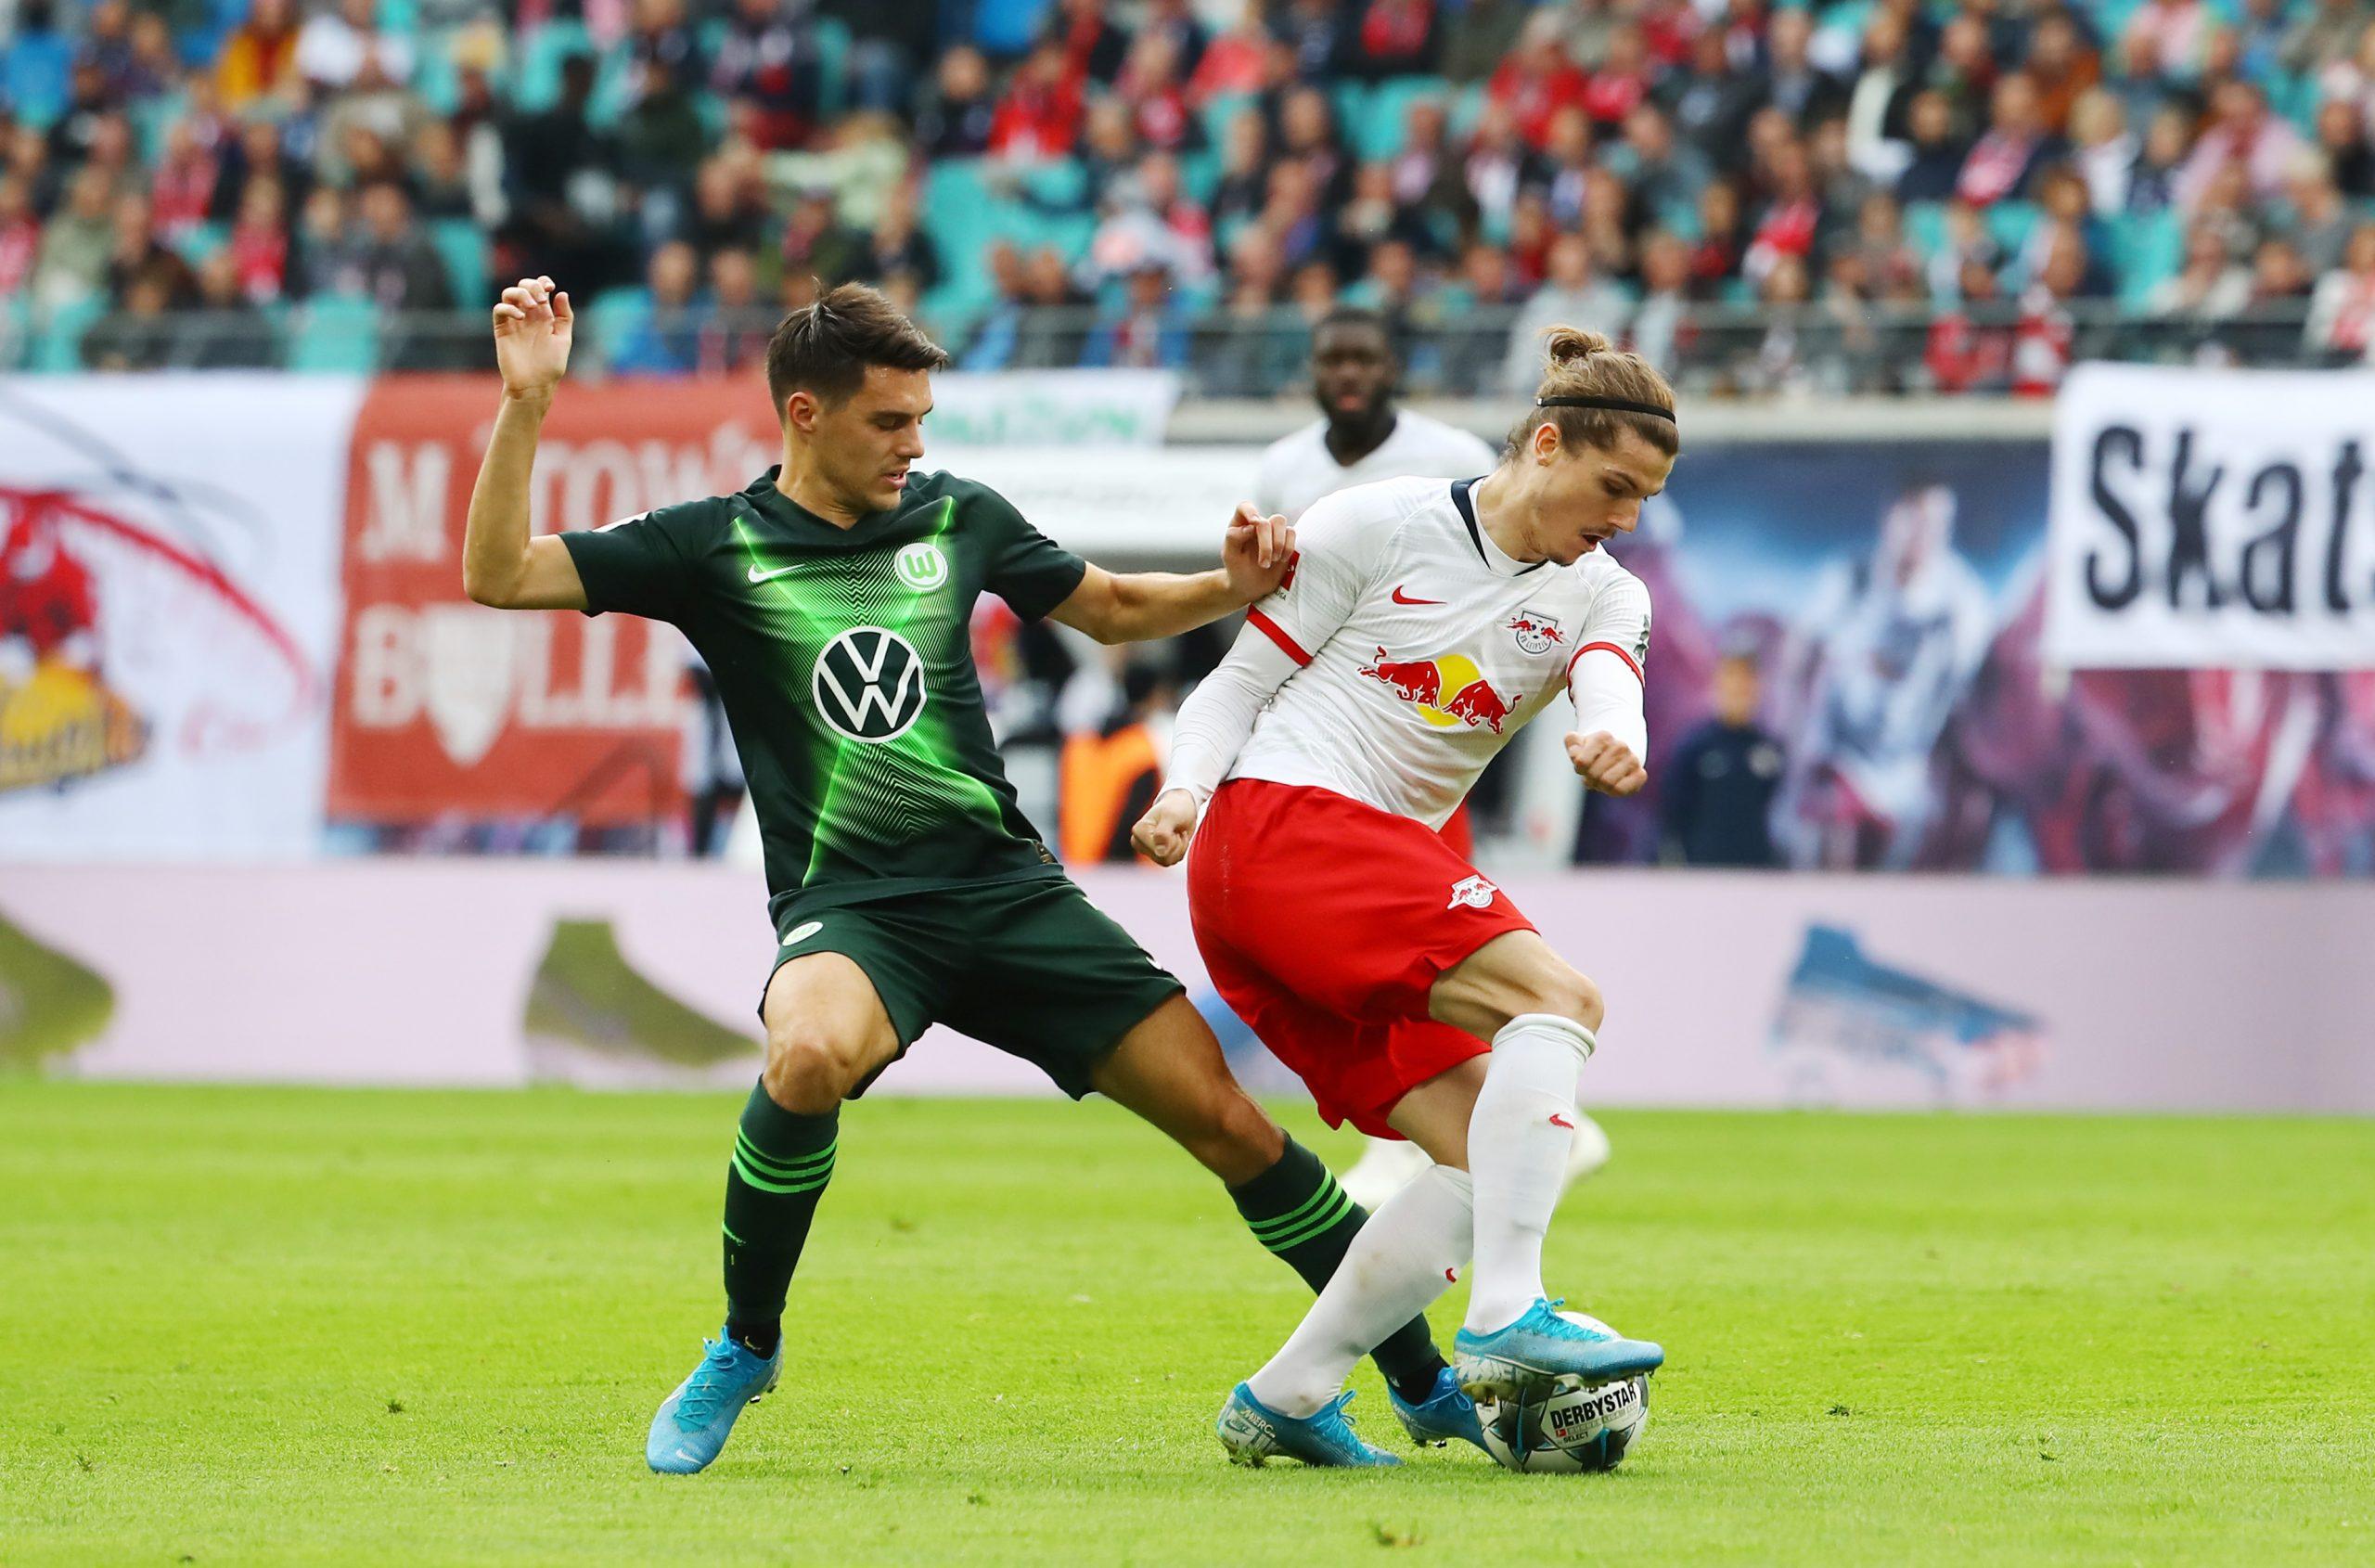 Lazio mira al extremo del Wolfsburgo como alternativa para Julian Brandt